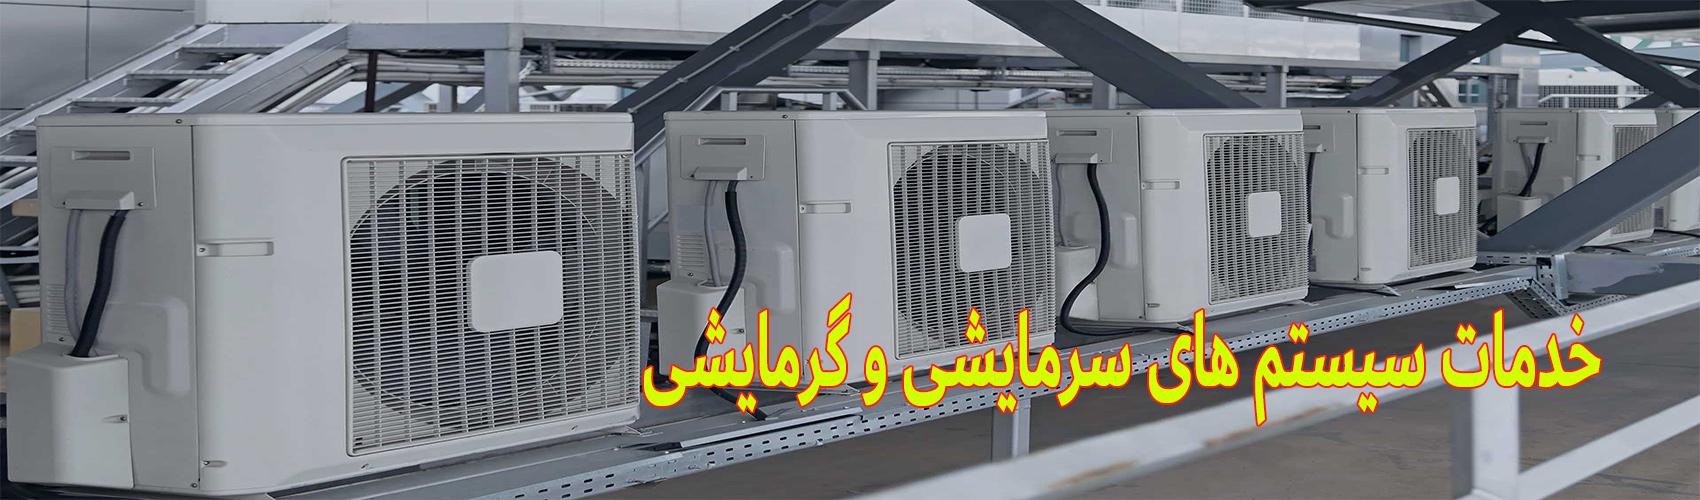 behrad3